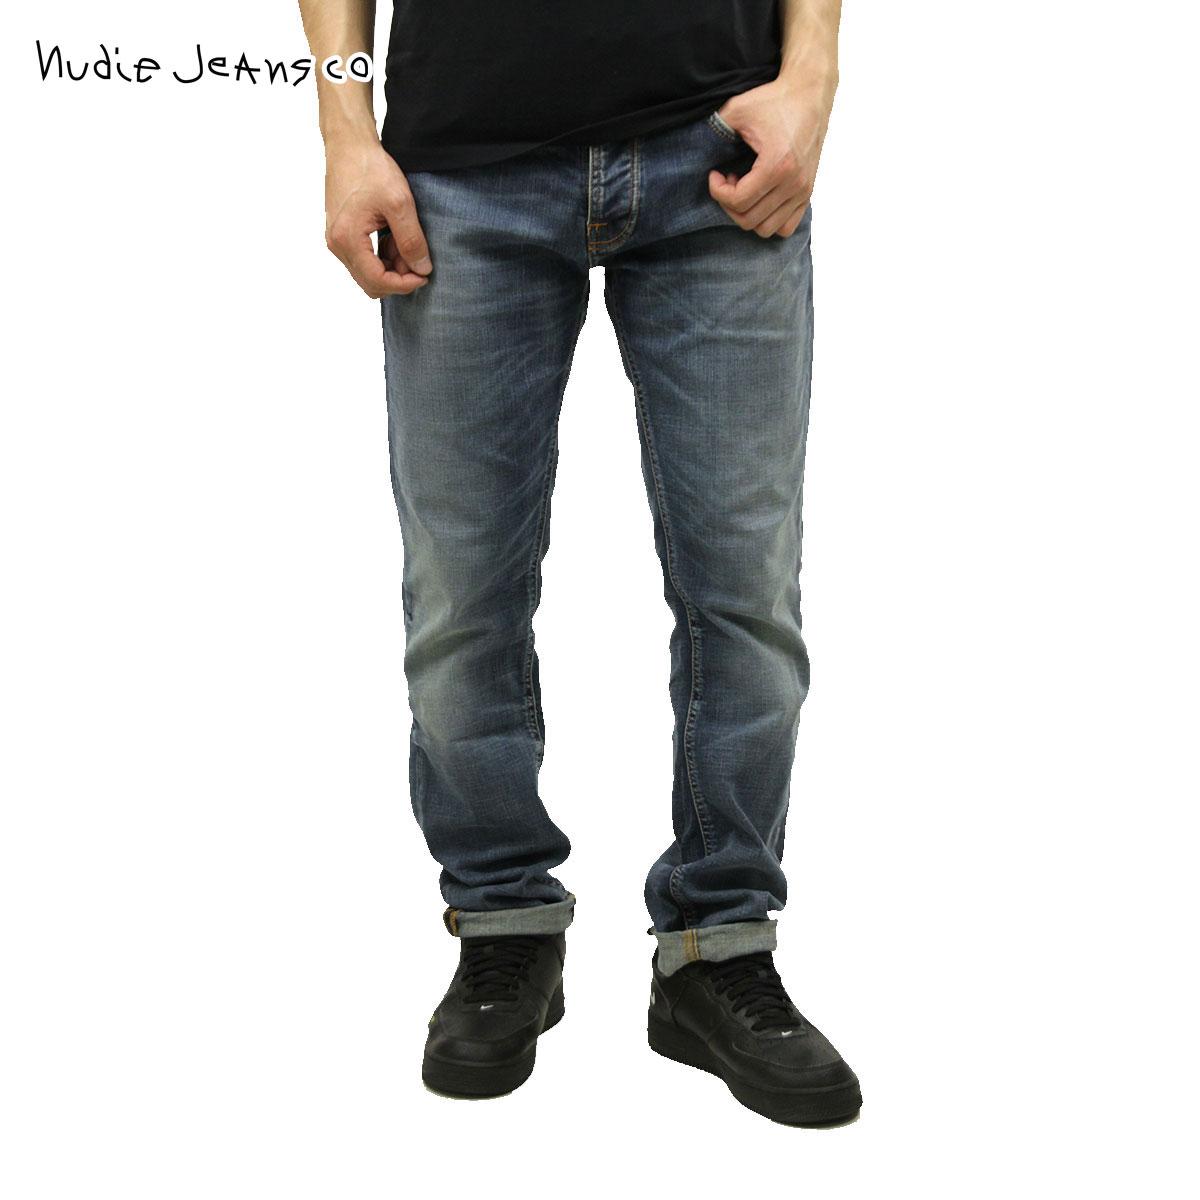 予約商品 6月頃入荷予定 ヌーディージーンズ Nudie Jeans 正規販売店 メンズ ジーンズ グリムティム GRIM TIM WORN IN BROKEN 032 113014 1290